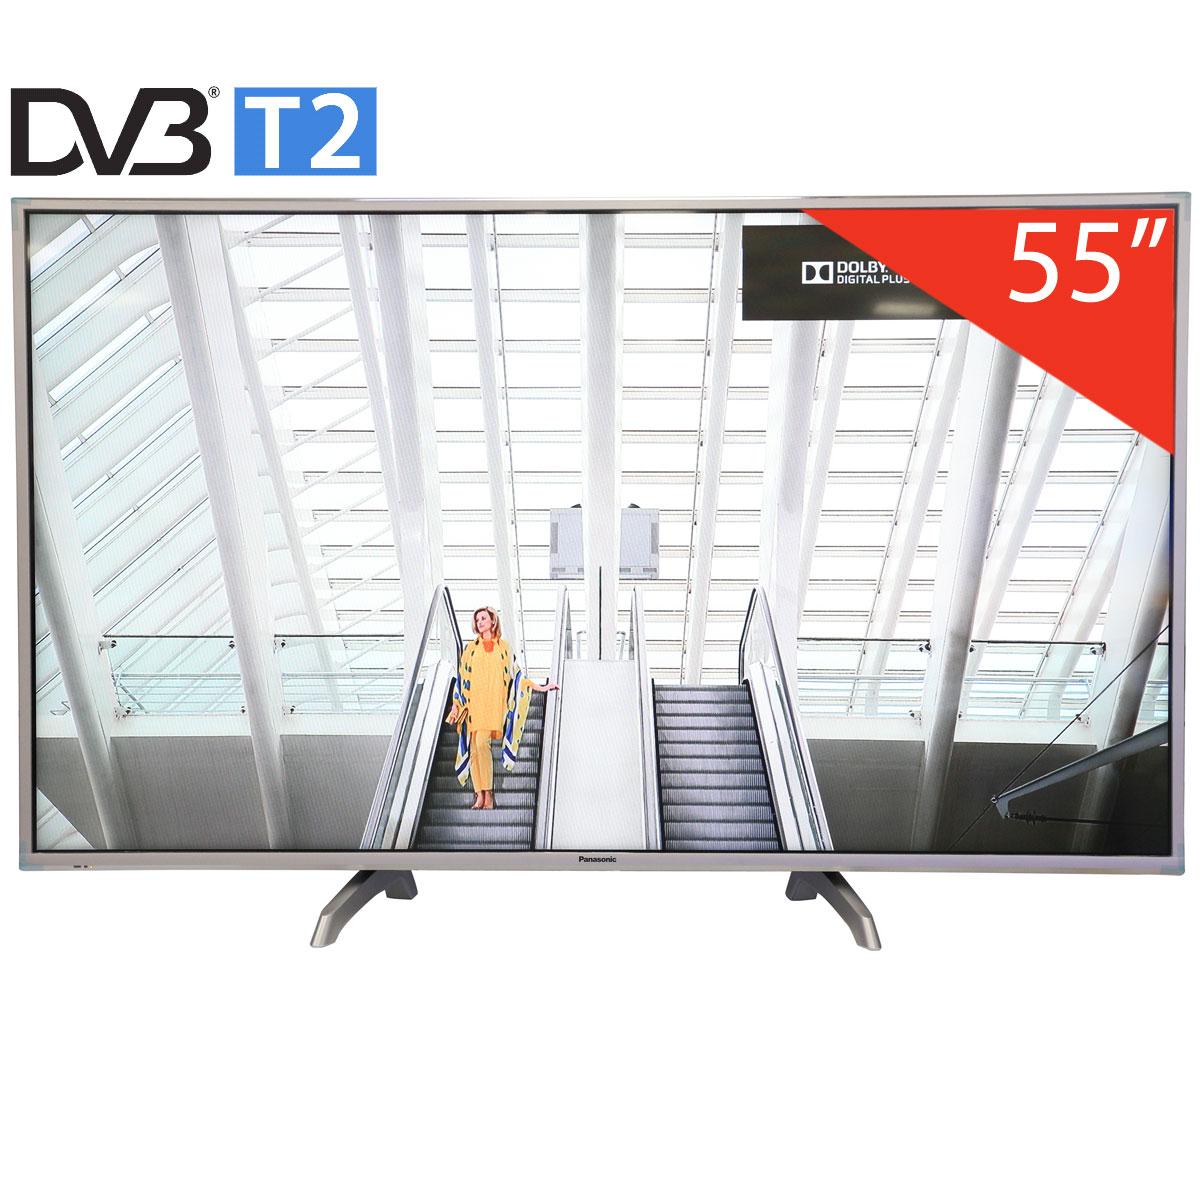 Smart TV Full HD 55 inch Panasonic 55DS630V